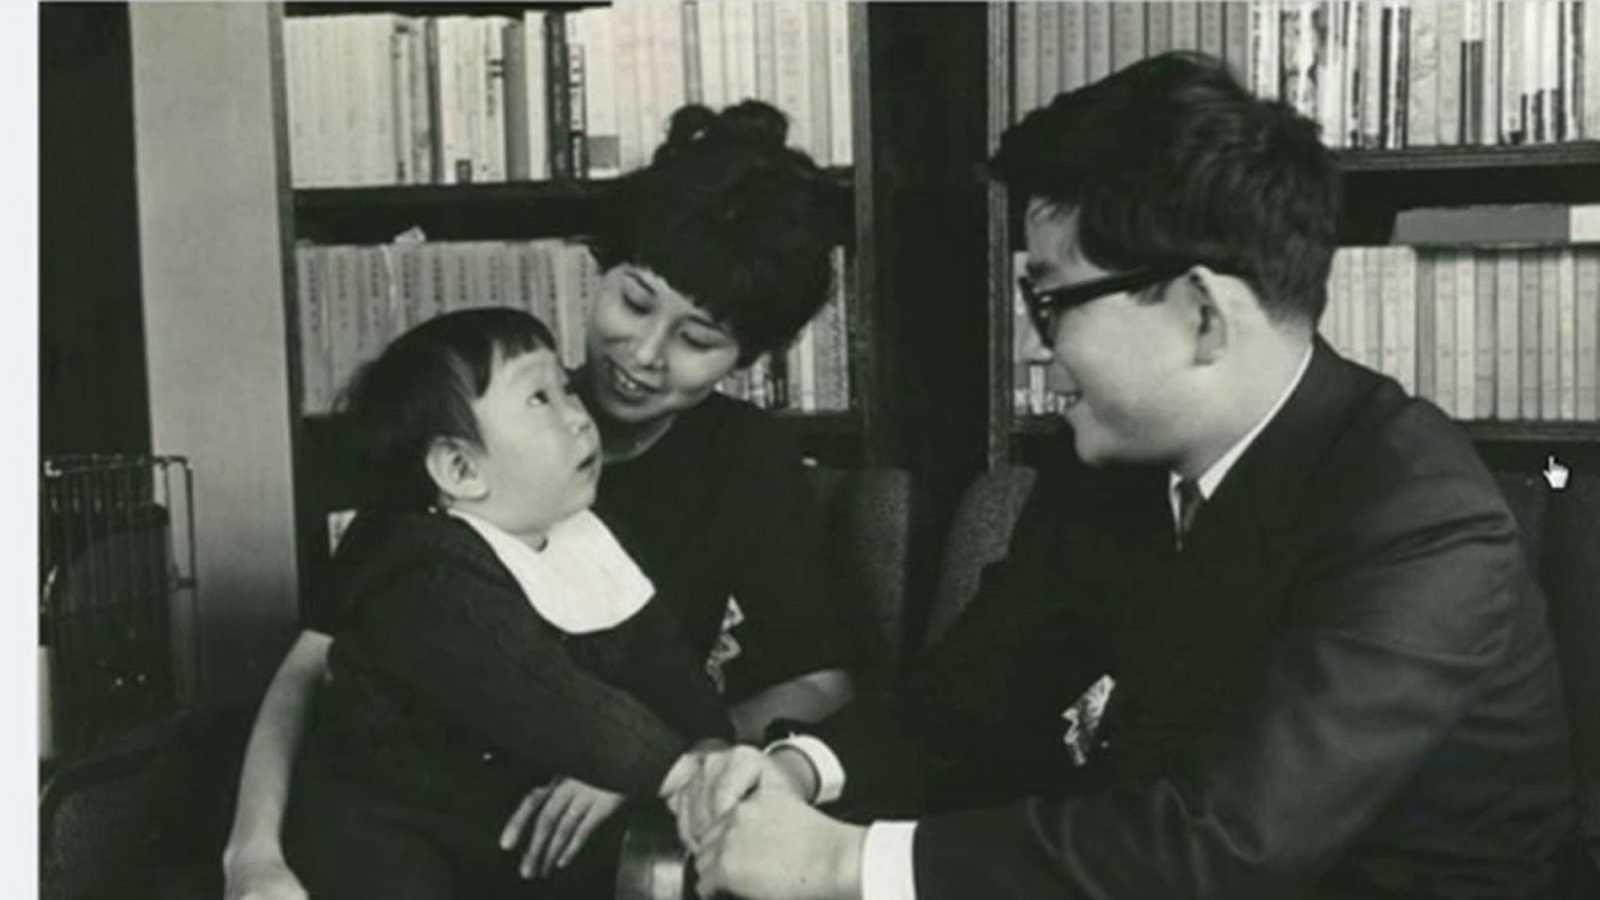 La historia del escritor japonés Kenzaburo se vuelve viral - RTVE.es